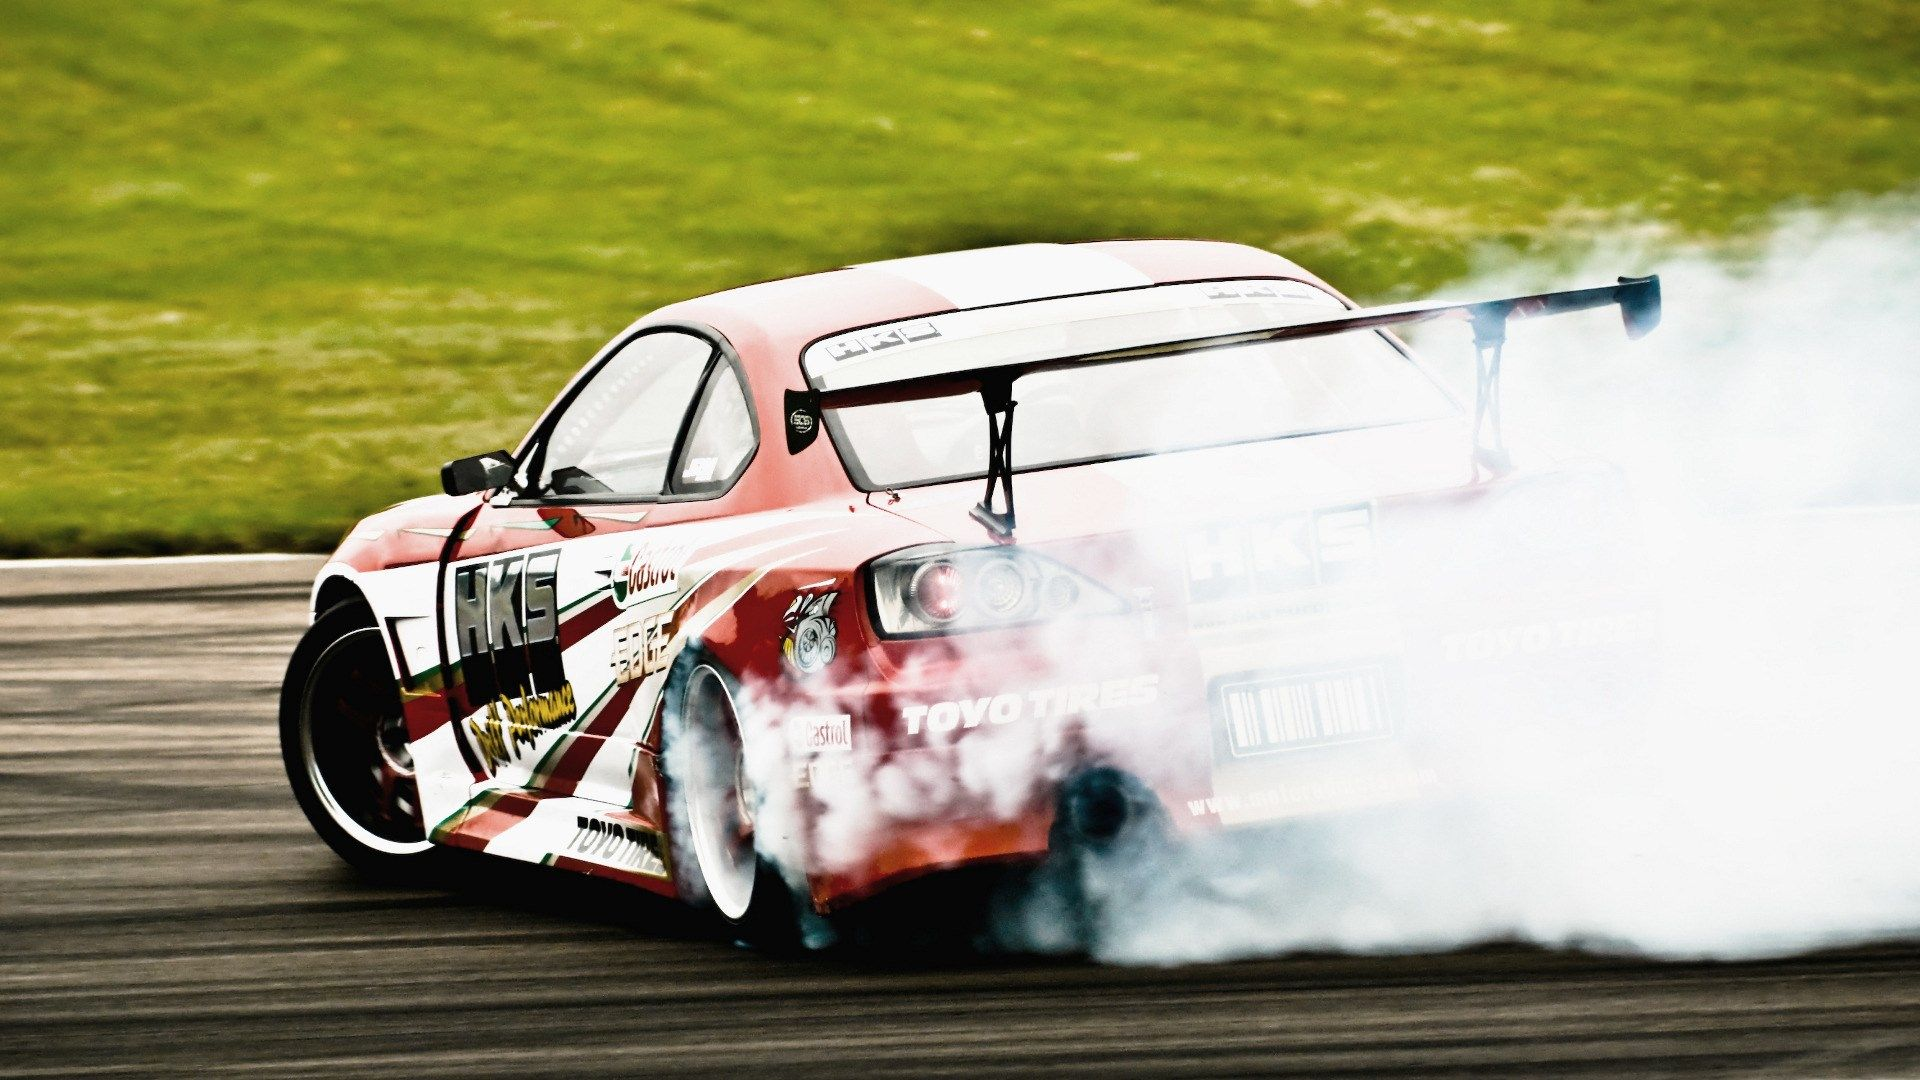 Windows Wallpaper Drift 331 Kb Harlan Sinclair Drifting Cars Drift Cars Car